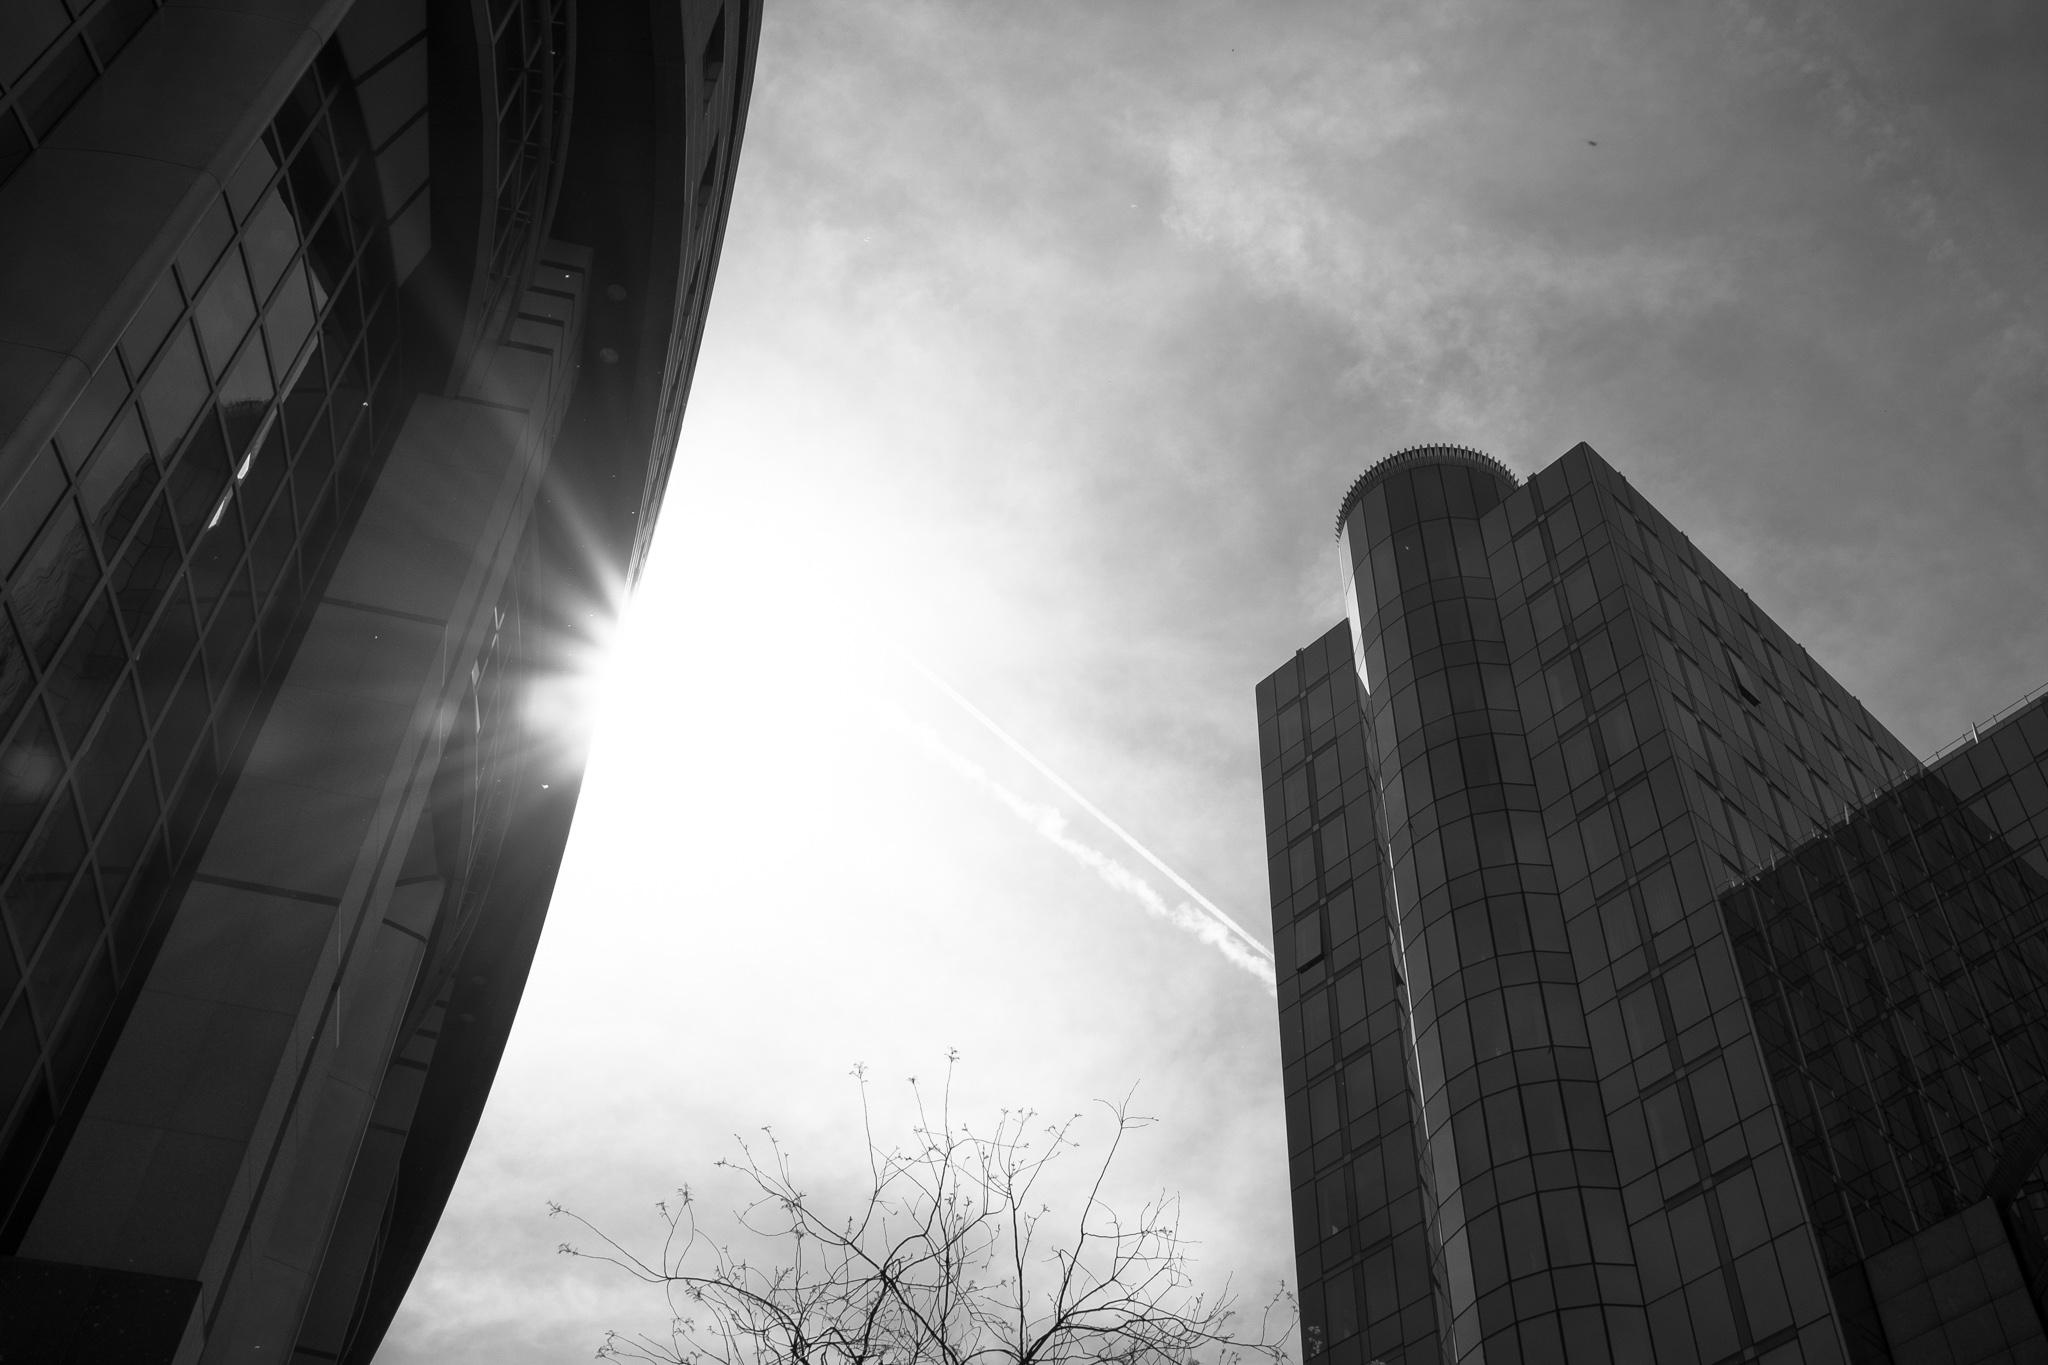 3401-architecture-in-belgium.jpg